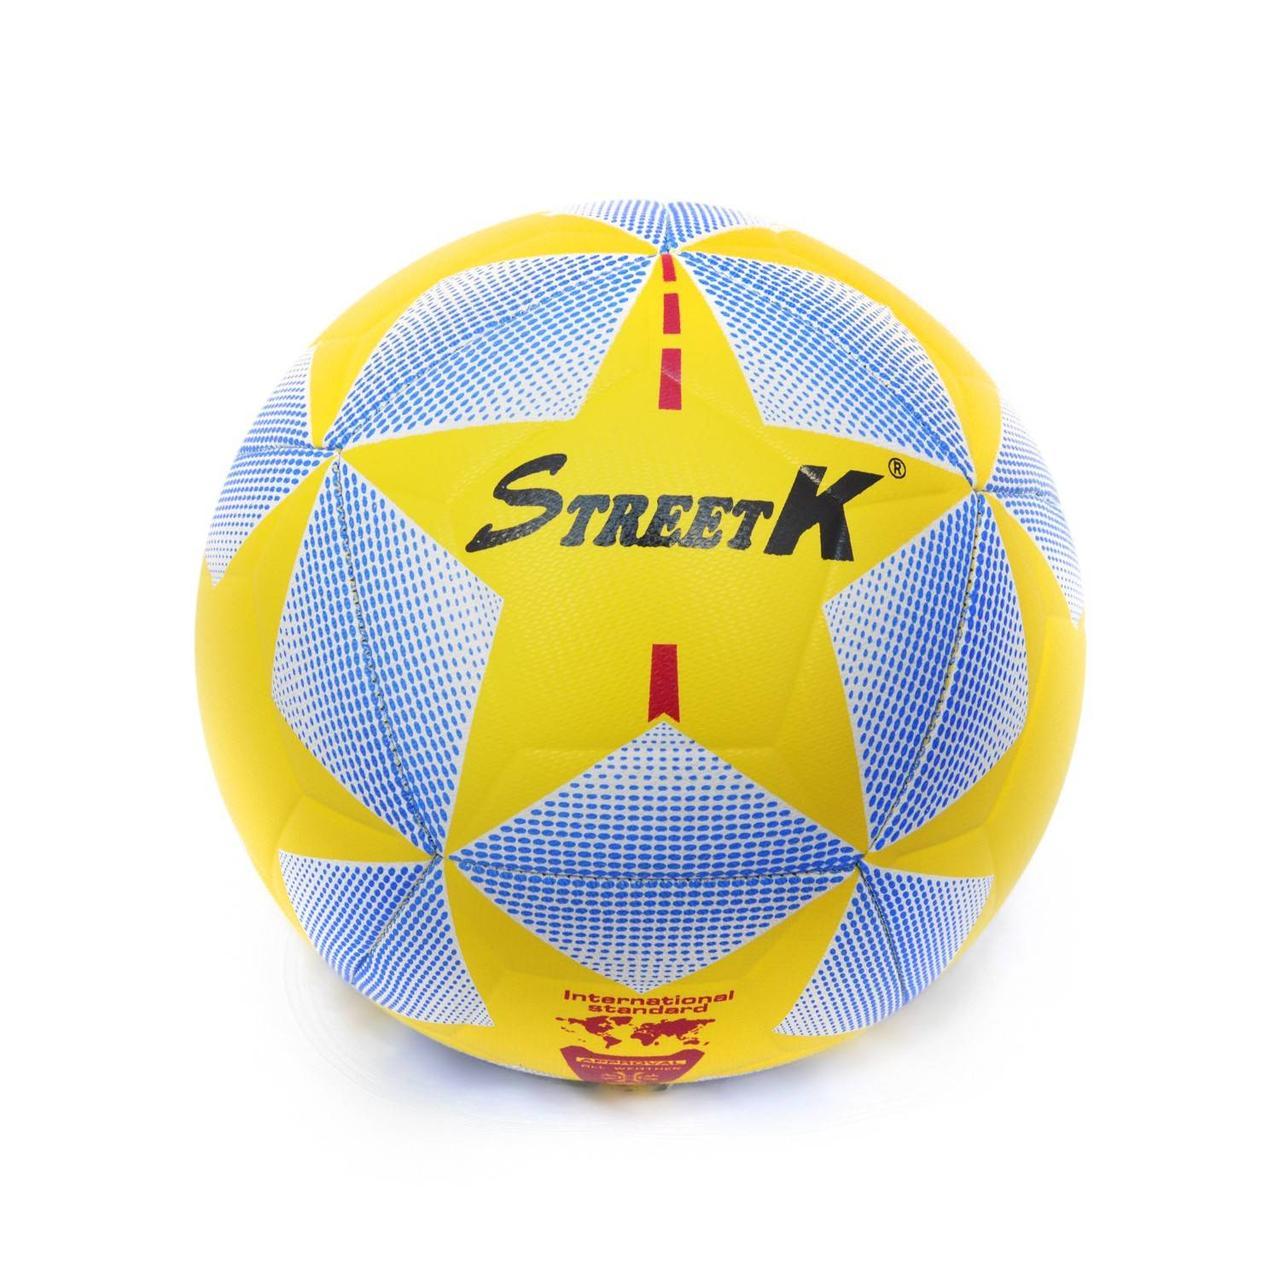 Мяч футбольный Maraton Street K MAR-137